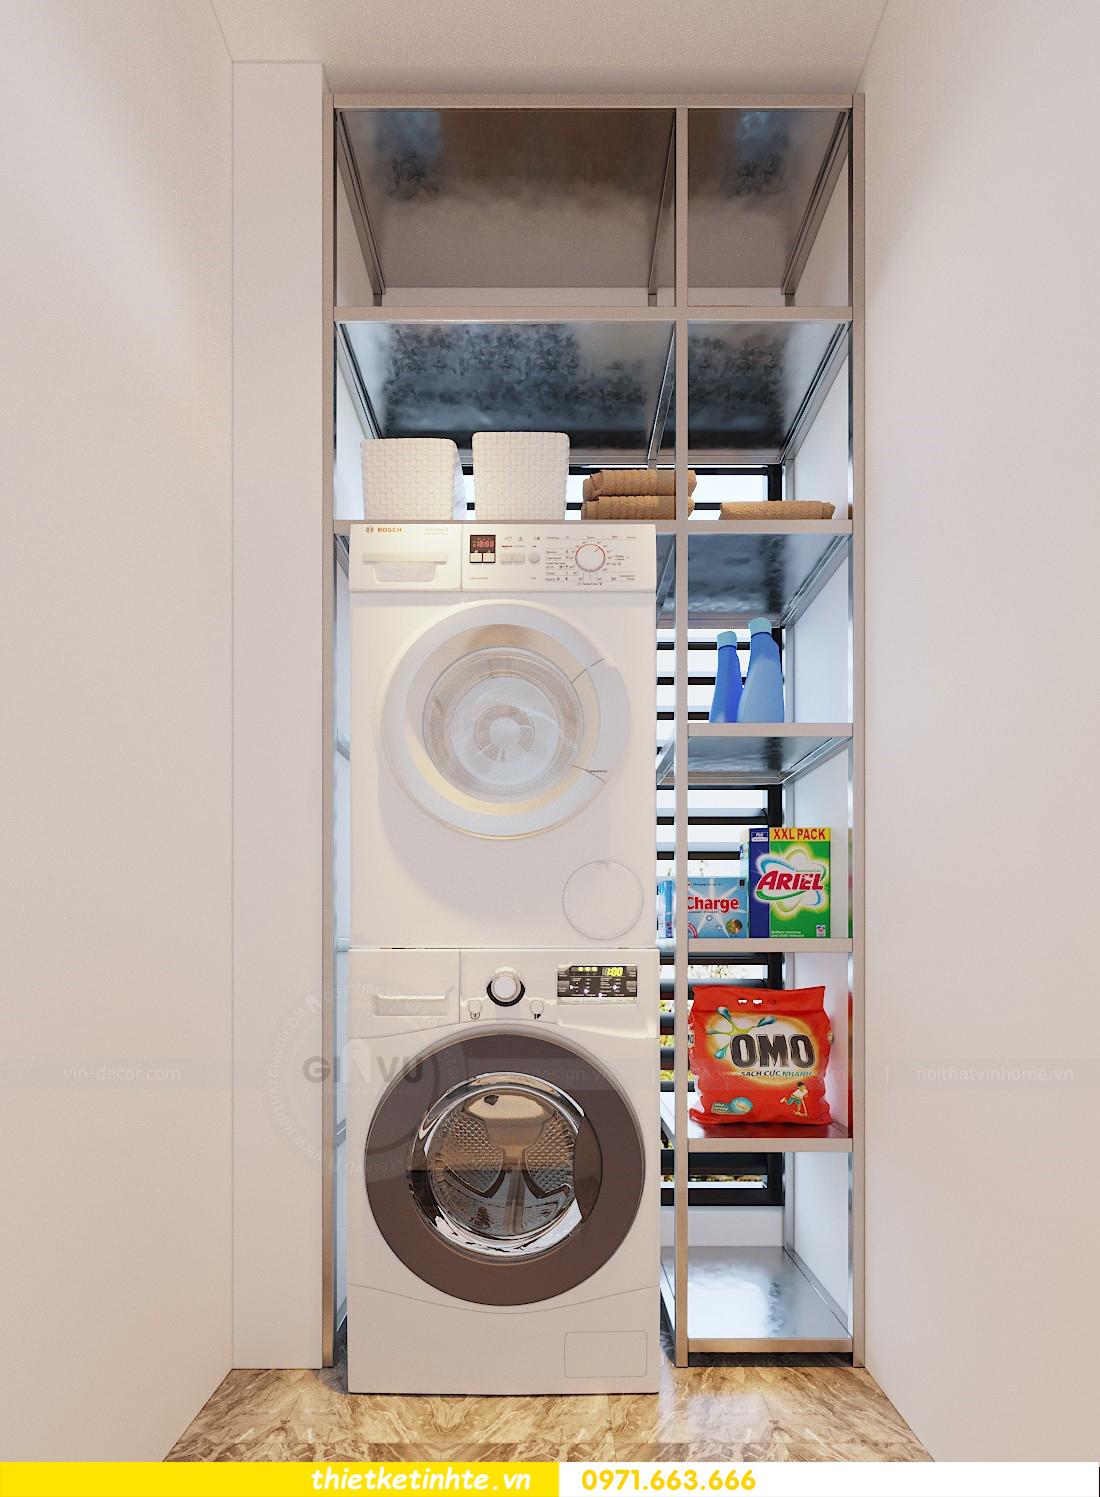 thiết kế nội thất chung cư 70m2 tại Vinhomes Metropolis 04